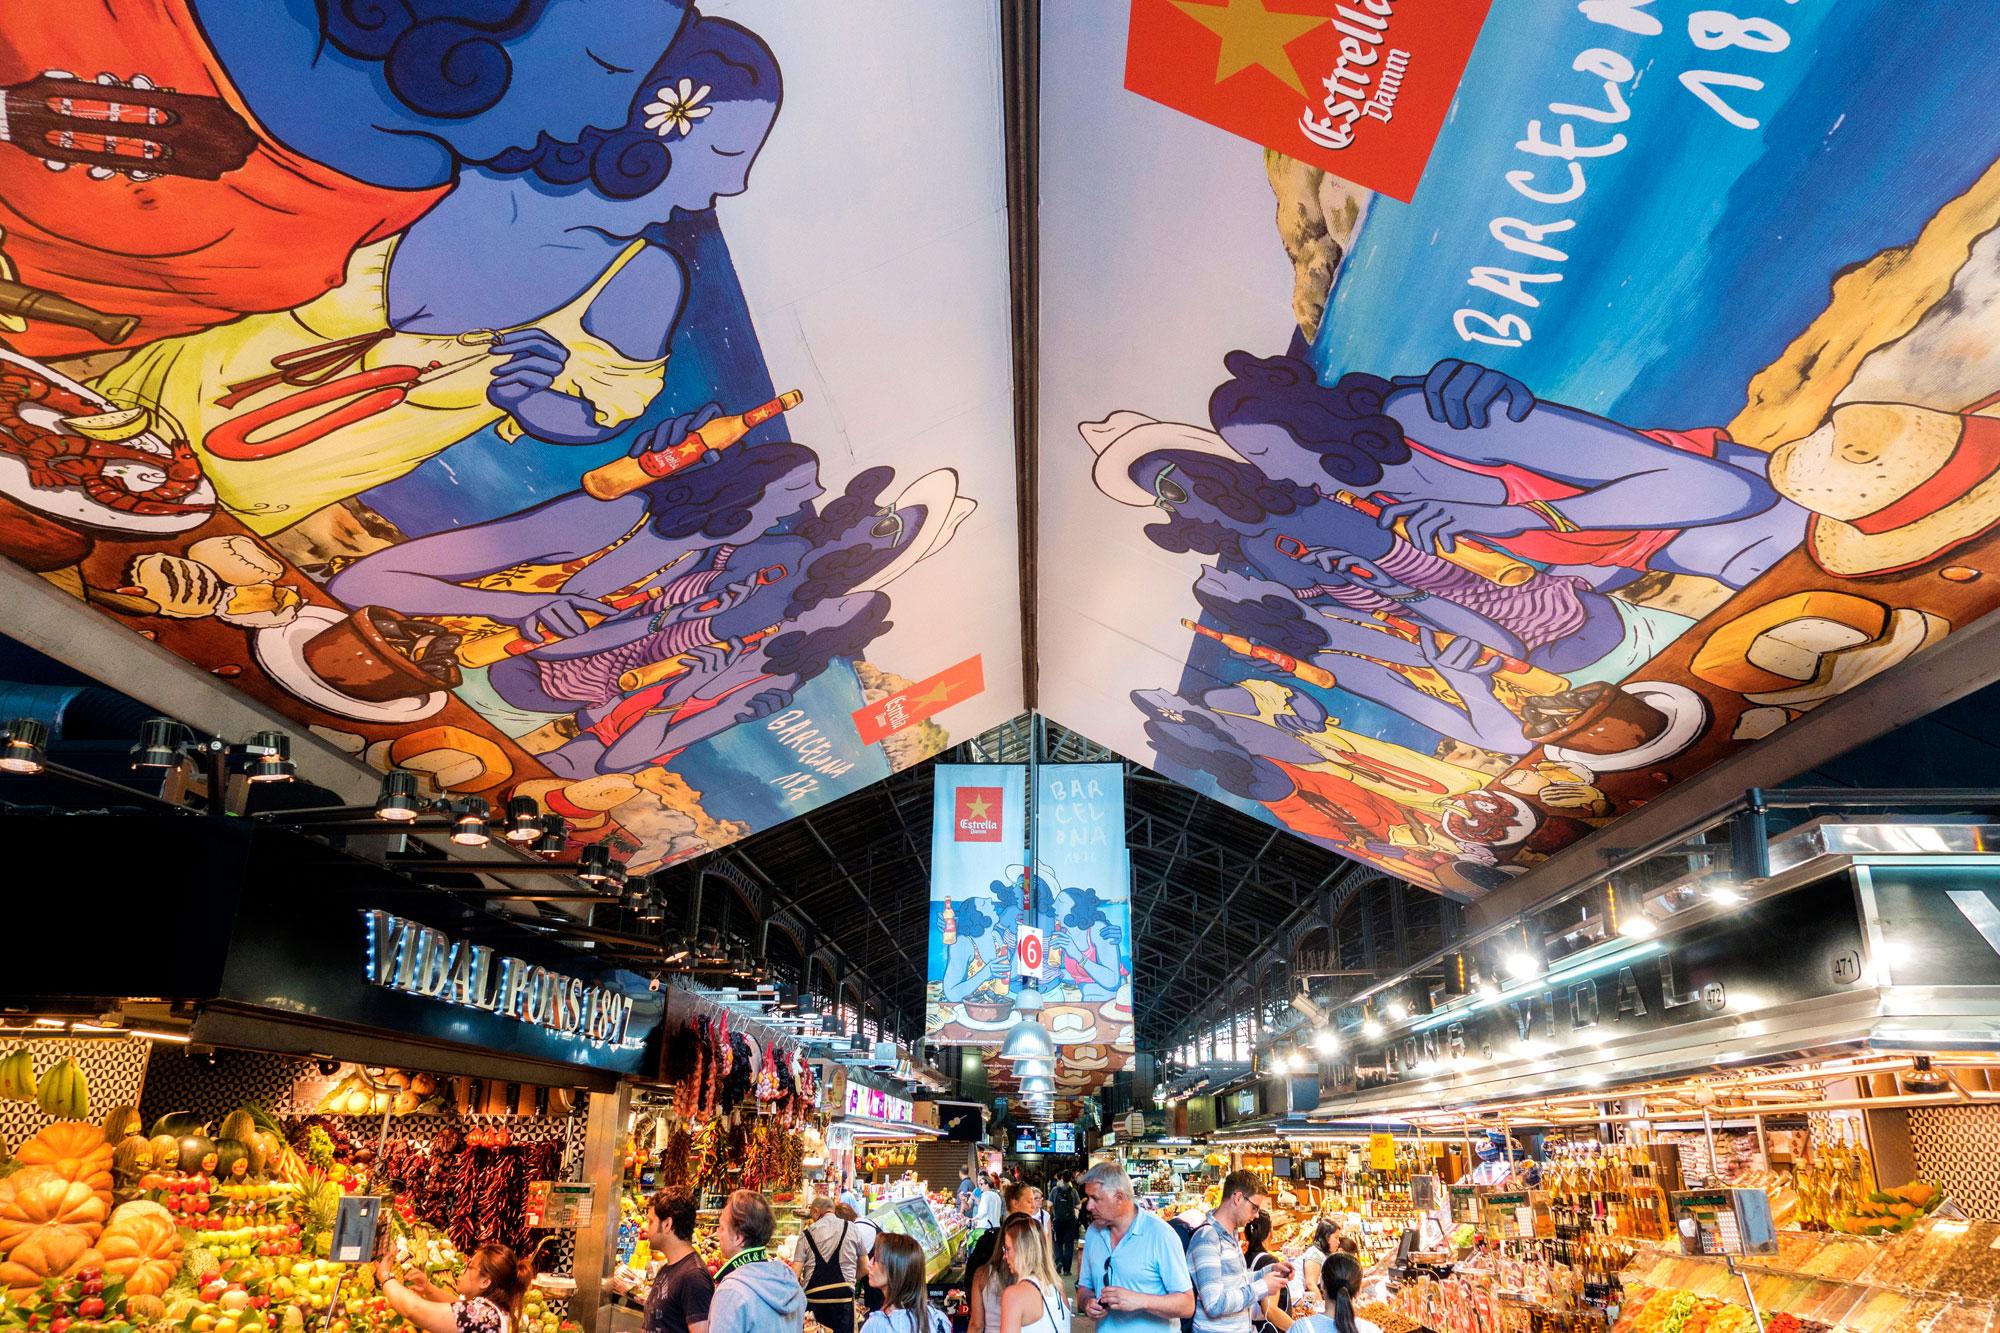 Vaste marché avec commerces de bouche installé sous des halles à Barcelone.